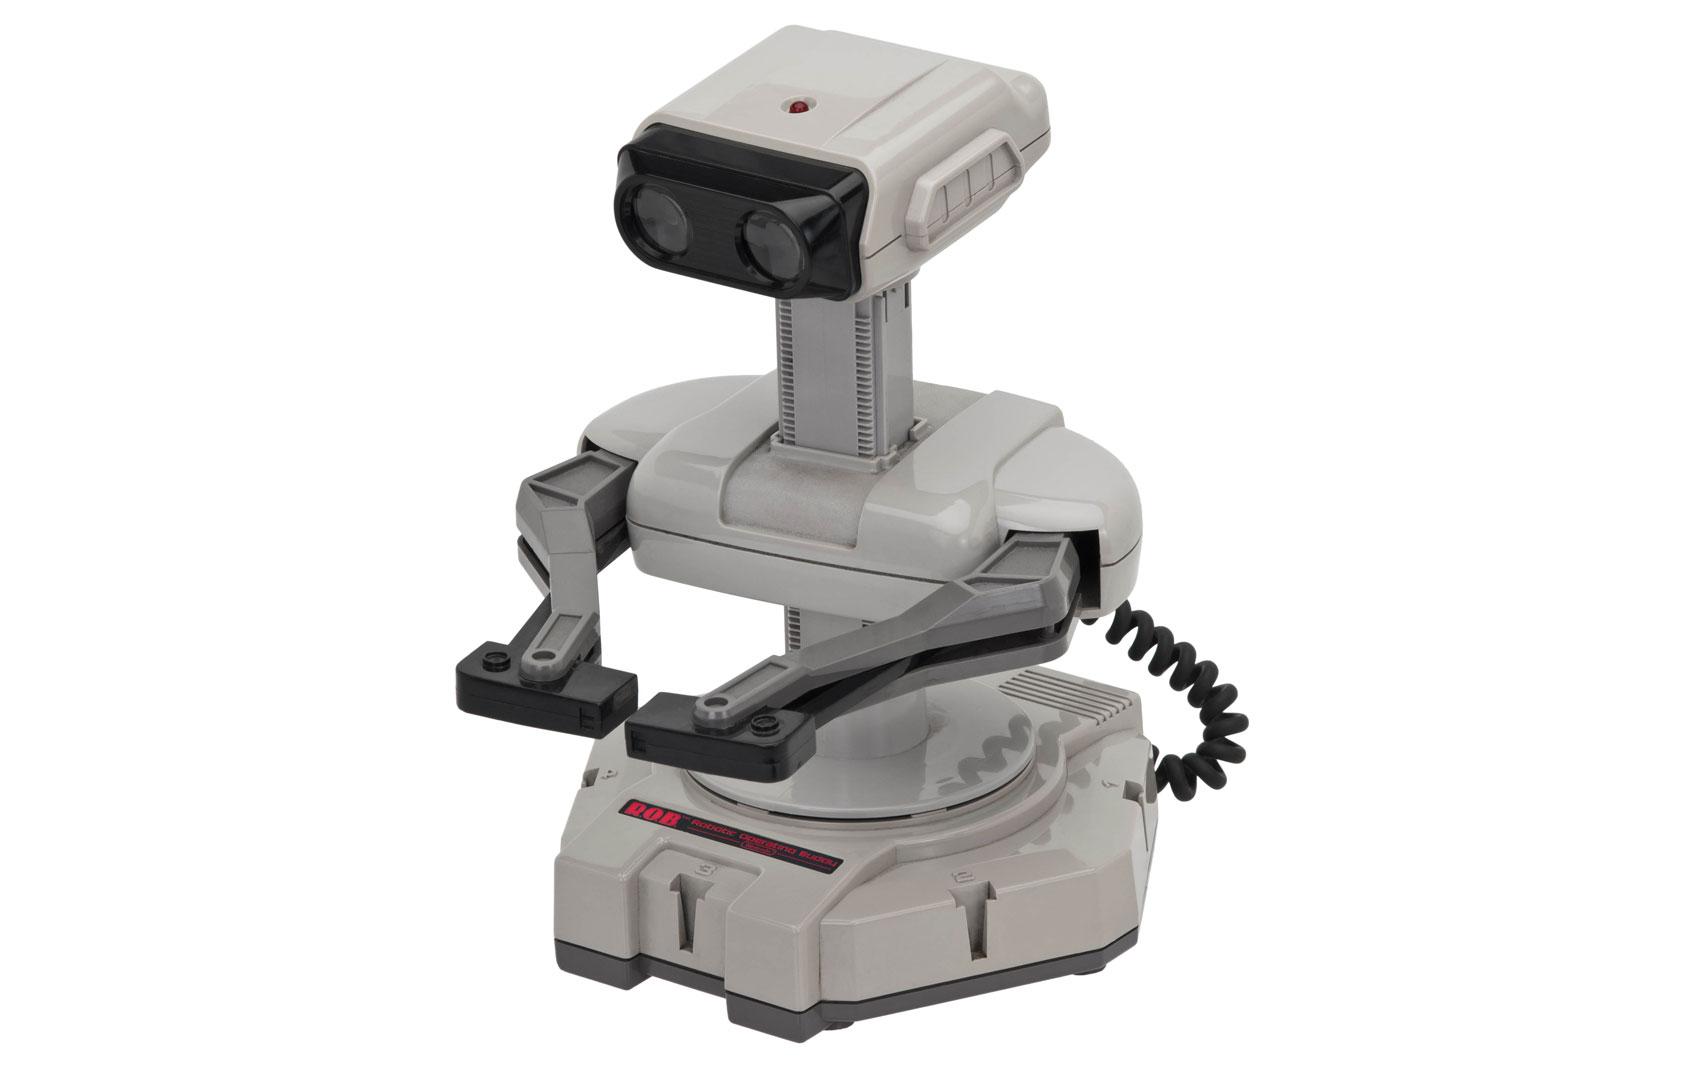 Robô ROB (Robotic Operating Buddy) era um companheiro para jogar games multiplayer que acompanhava o Nintendinho, lançado em 1985.